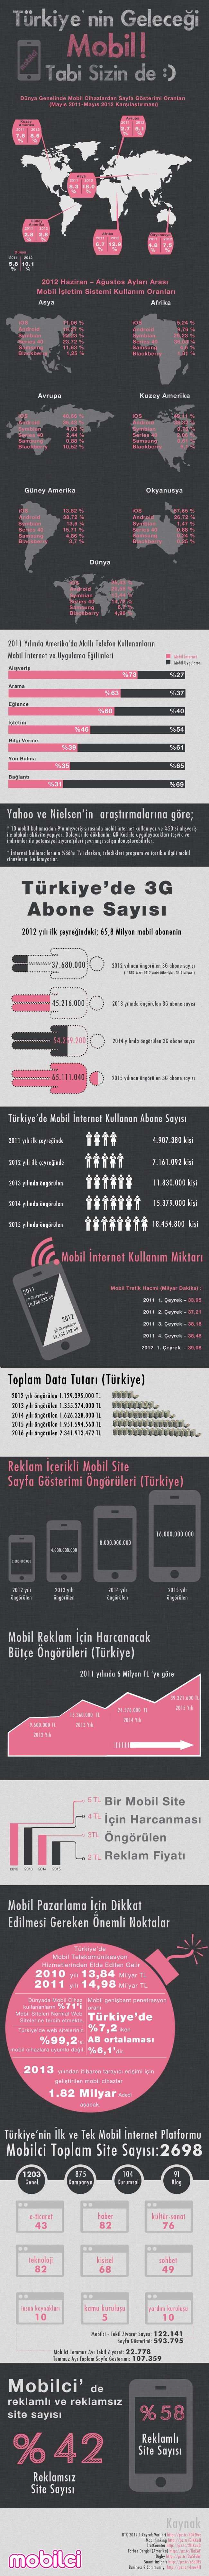 Türkiye'nin Geleceği #Mobil - #infographic #infografik